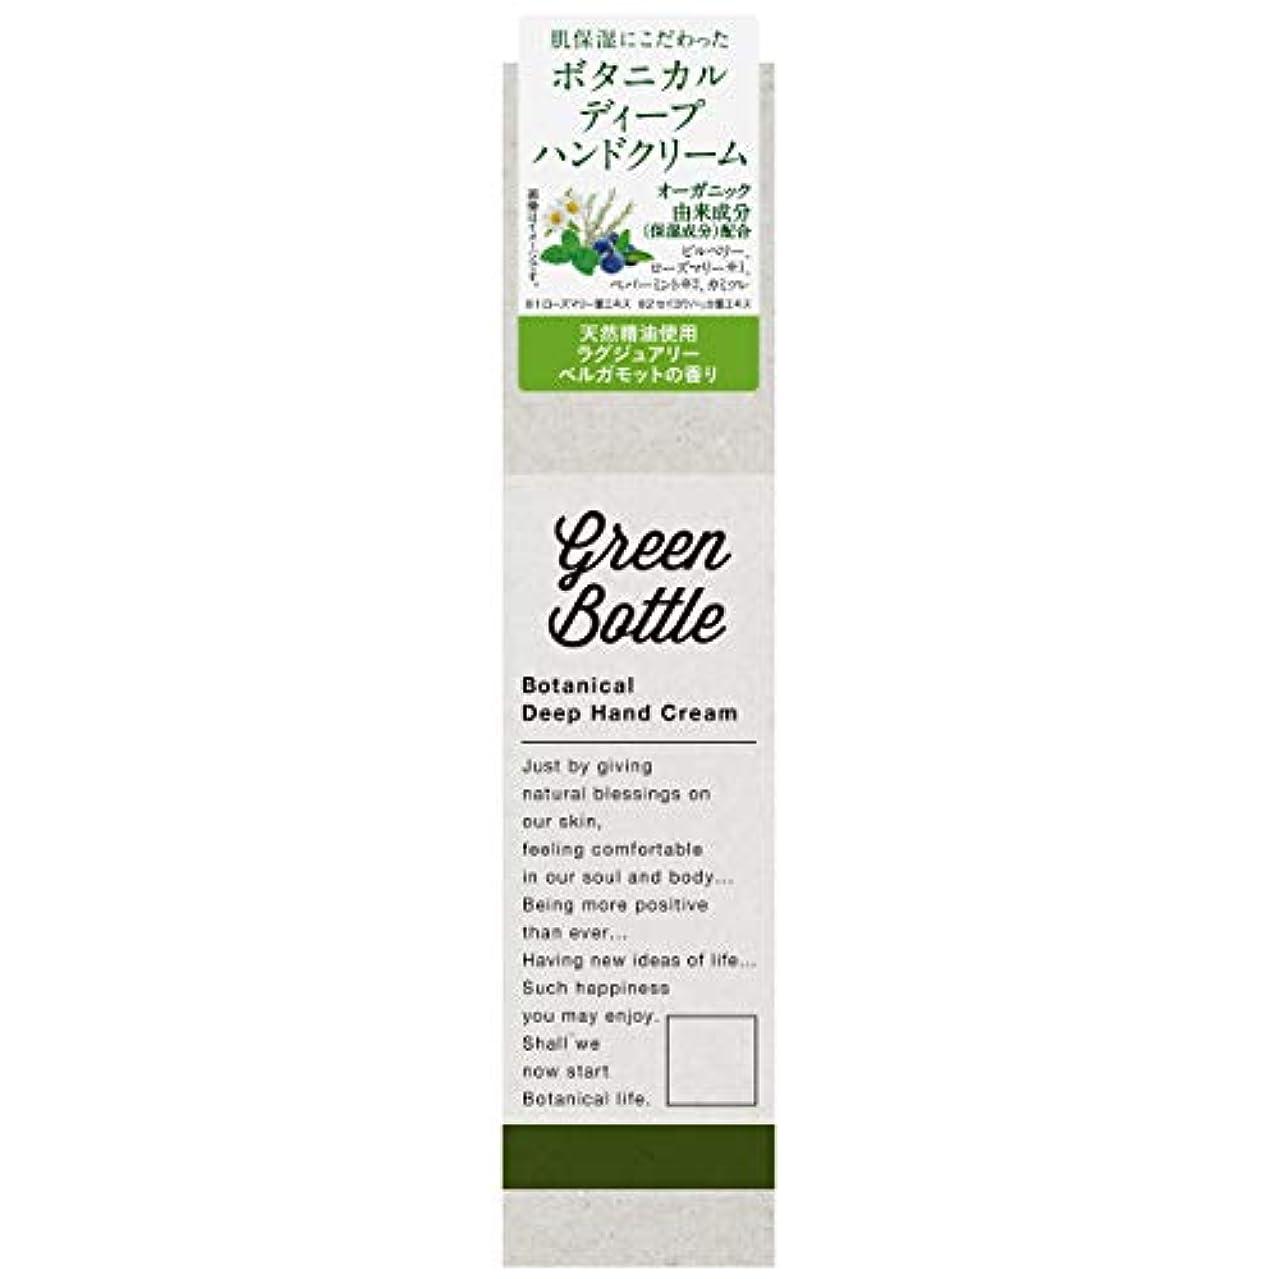 グリーンボトル ボタニカルディープハンドクリーム